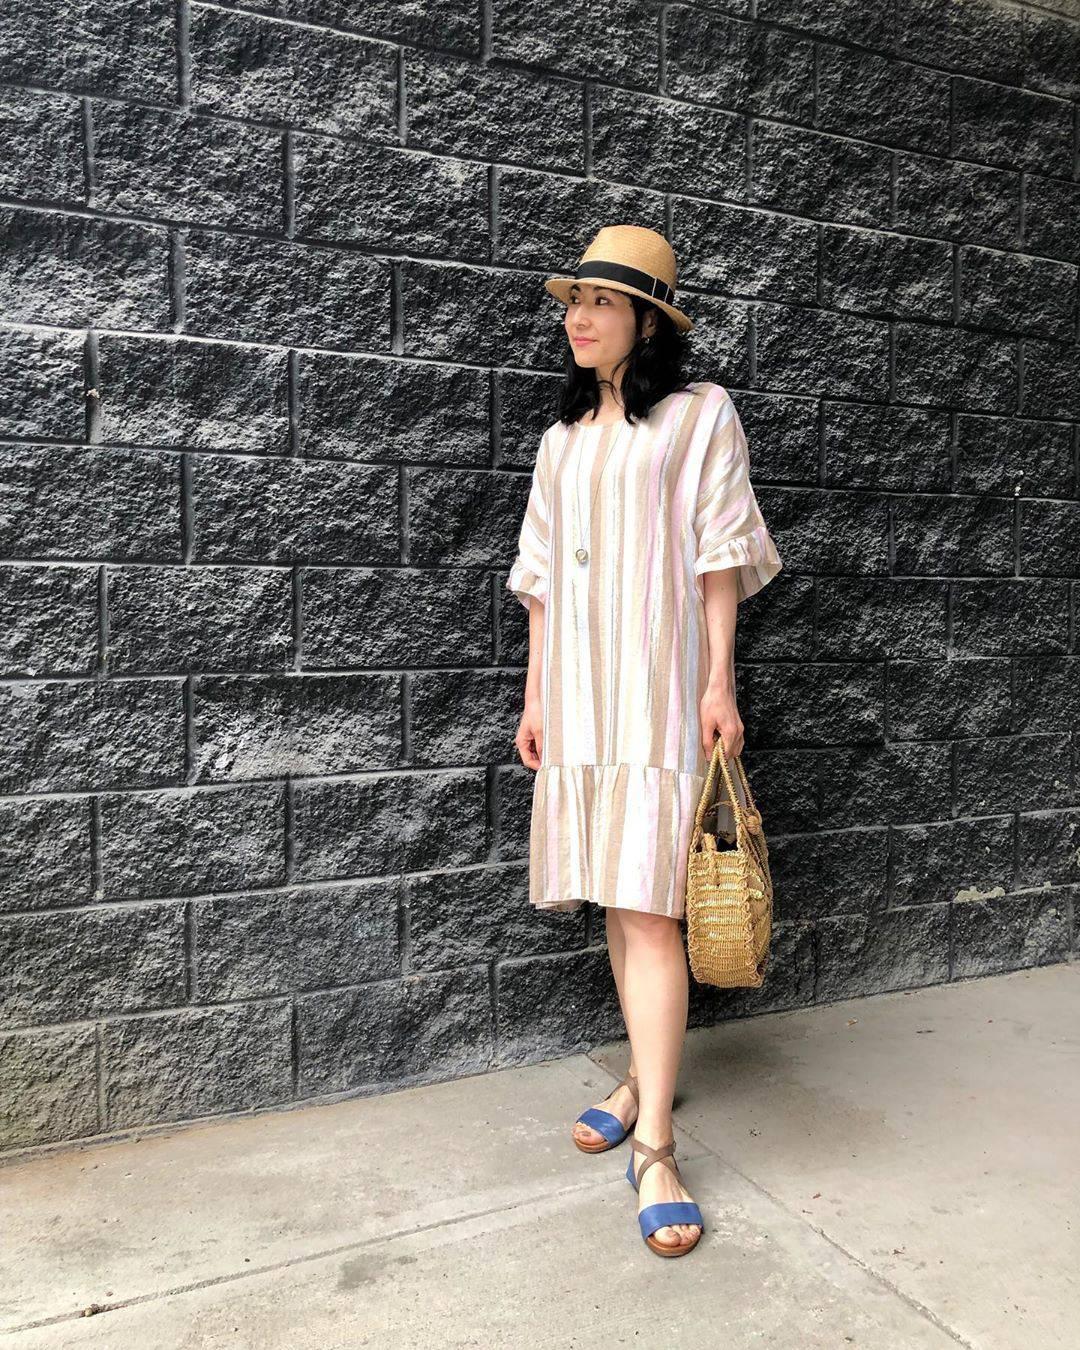 最高気温29度・最低気温19度 i.styleclosetの服装